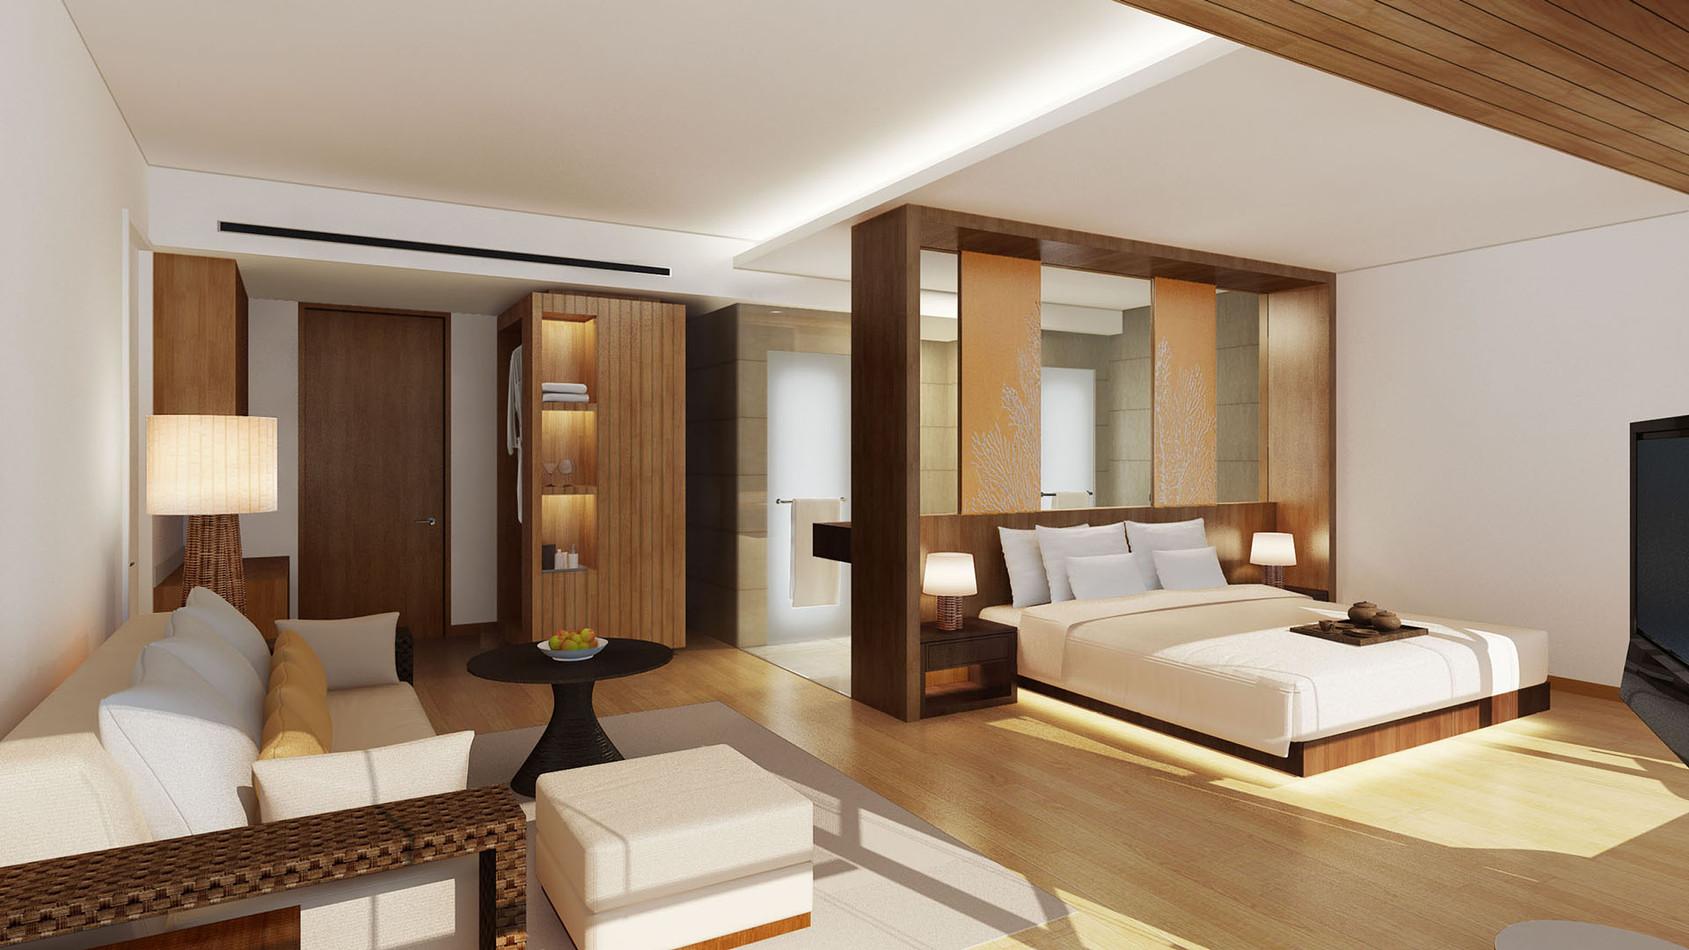 HAINAN-CROWN-PLAZA-SPA-HOTEL-ZH 11.jpg